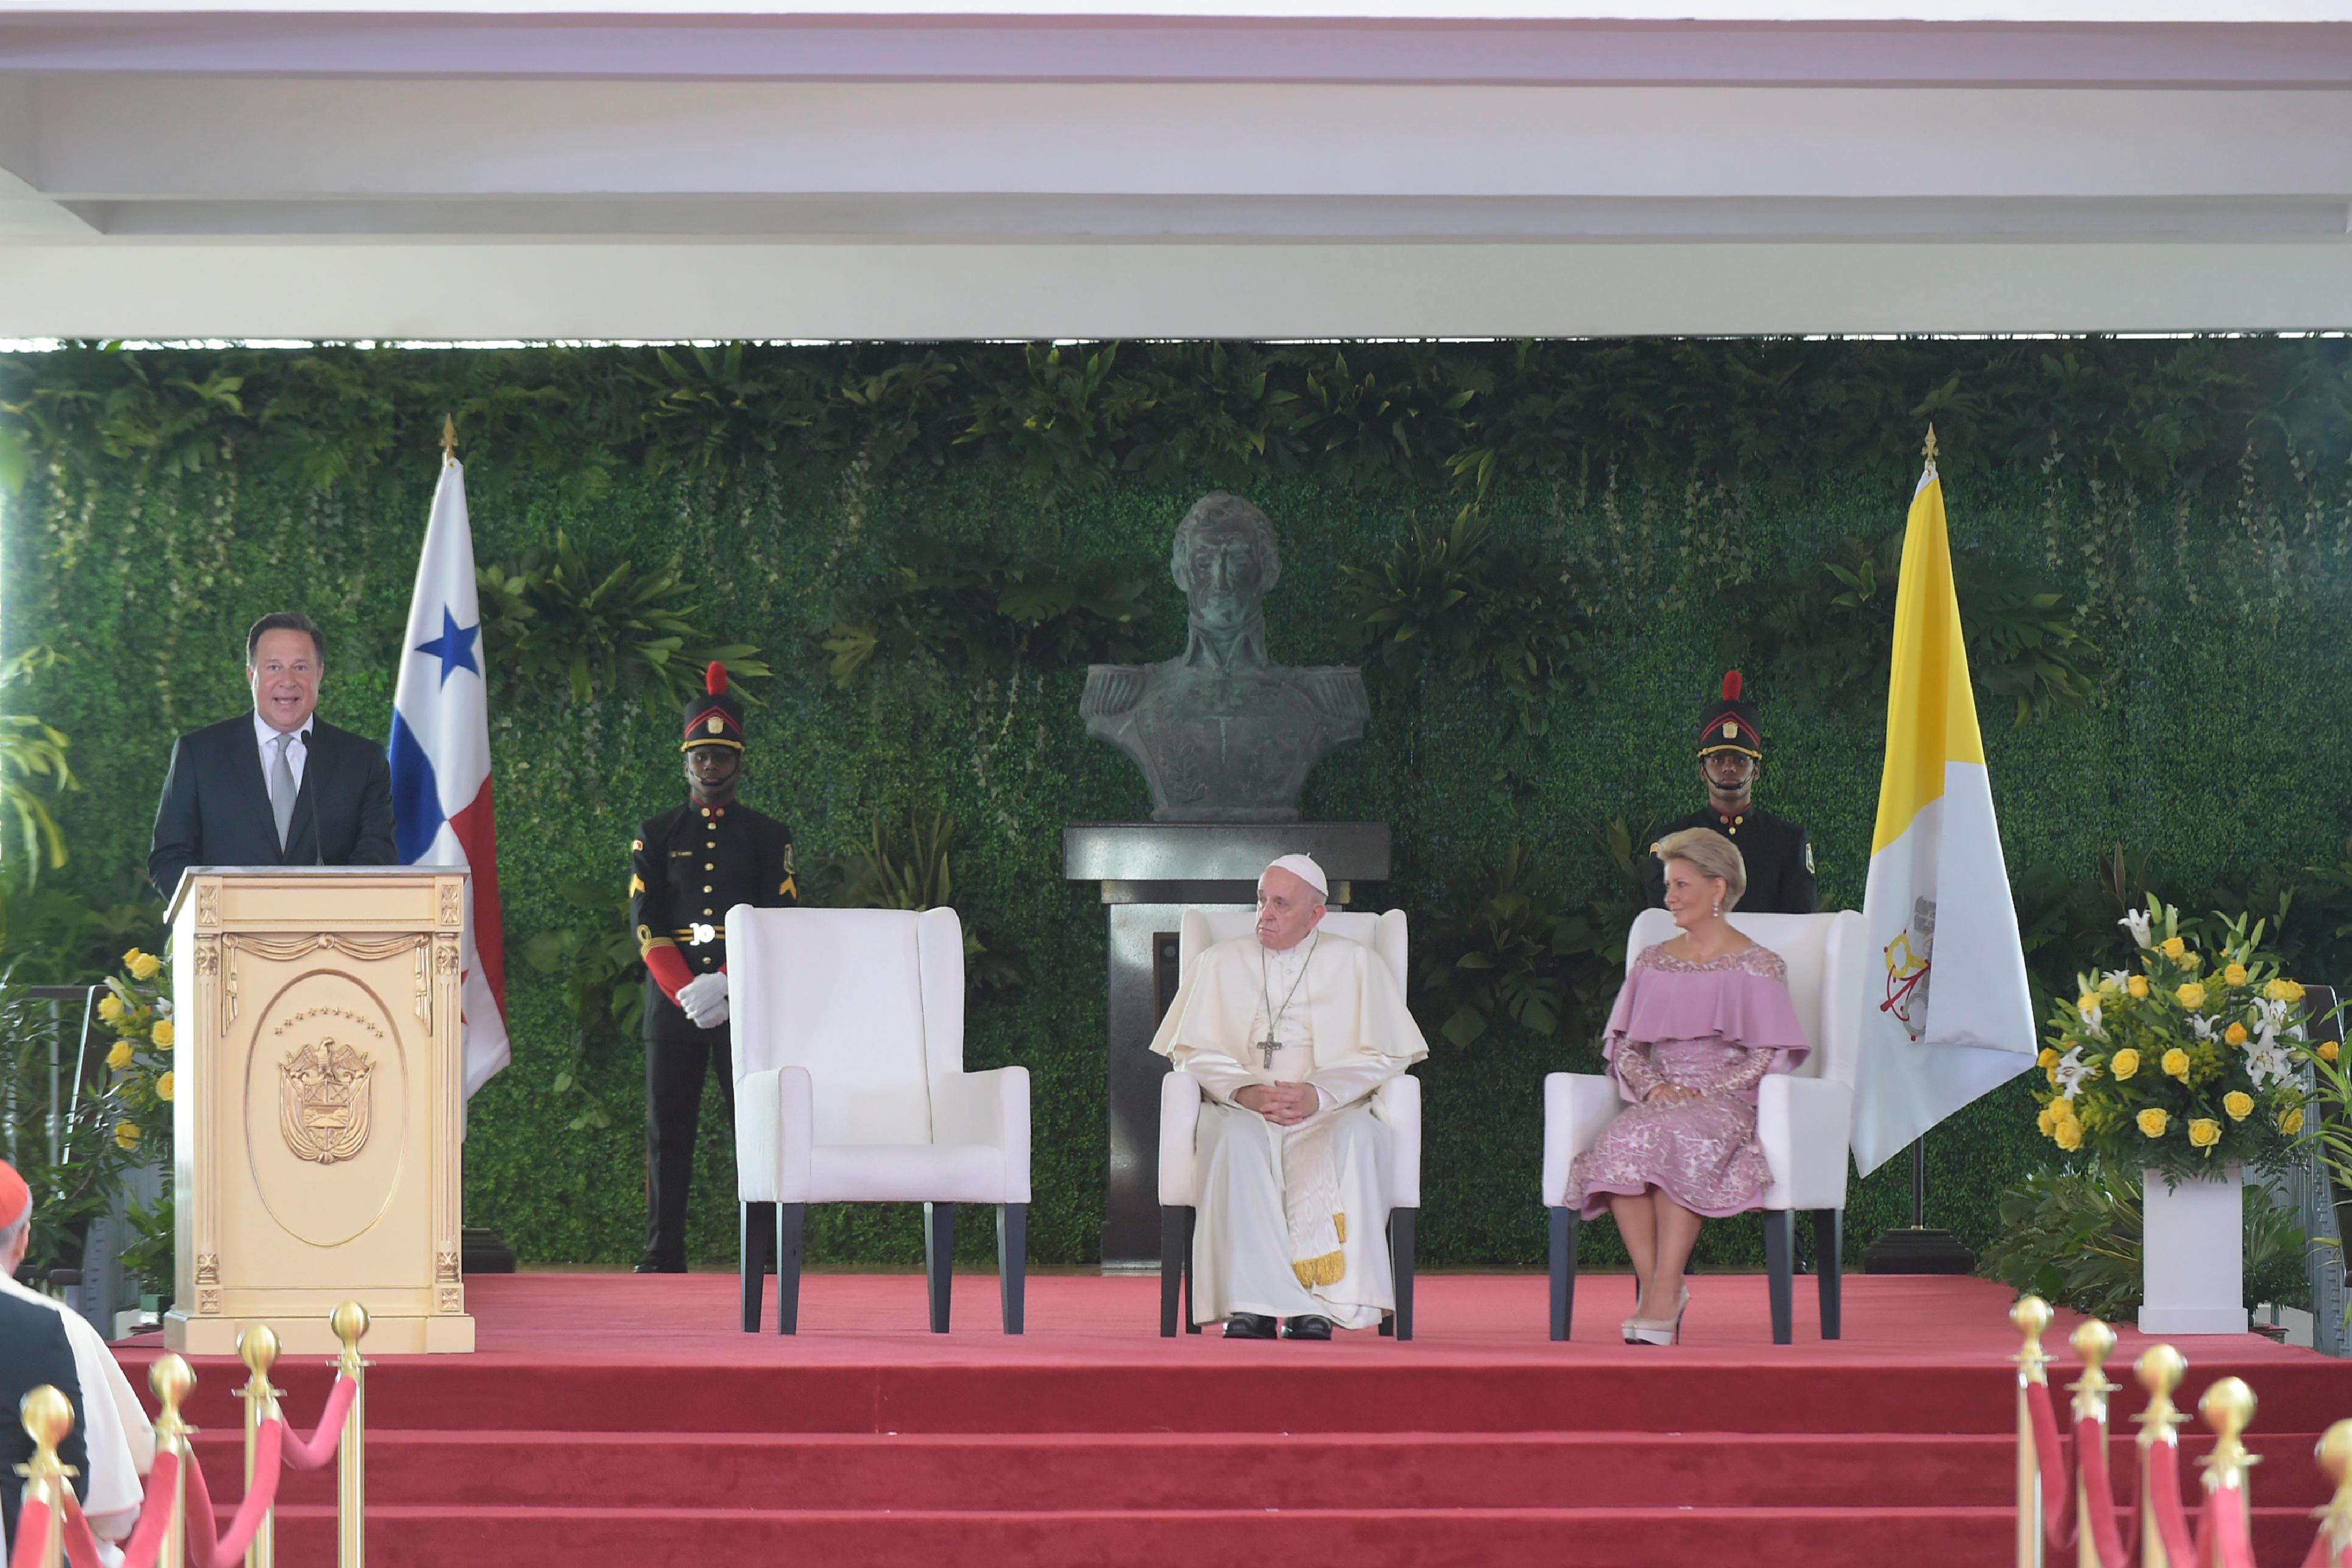 Discurso del presidente de la República de Panamá © Vatican News